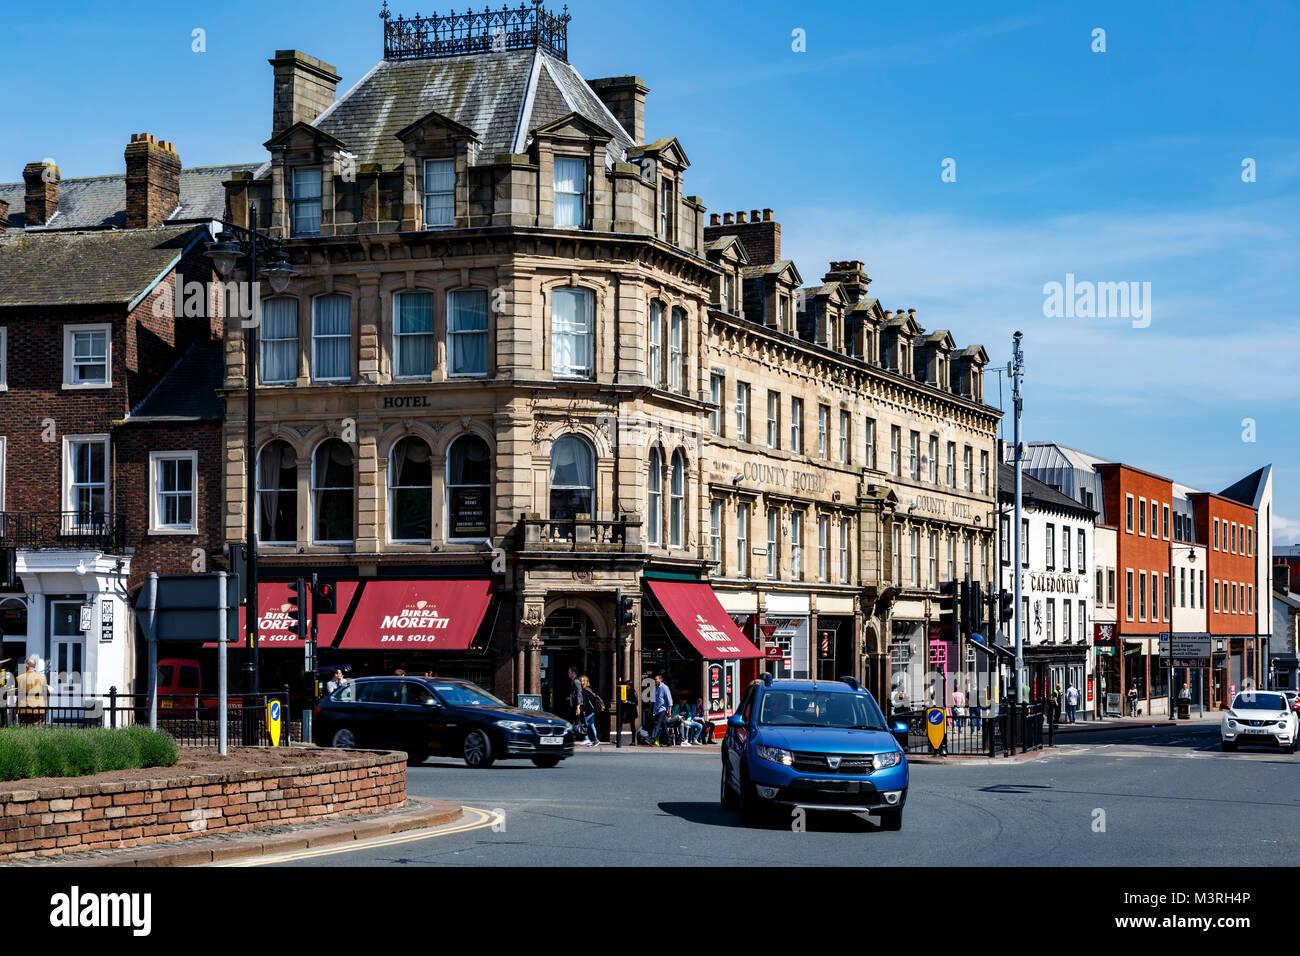 Botchergate Street, Carlisle, Cumbria, England, United Kingdom - Stock Image